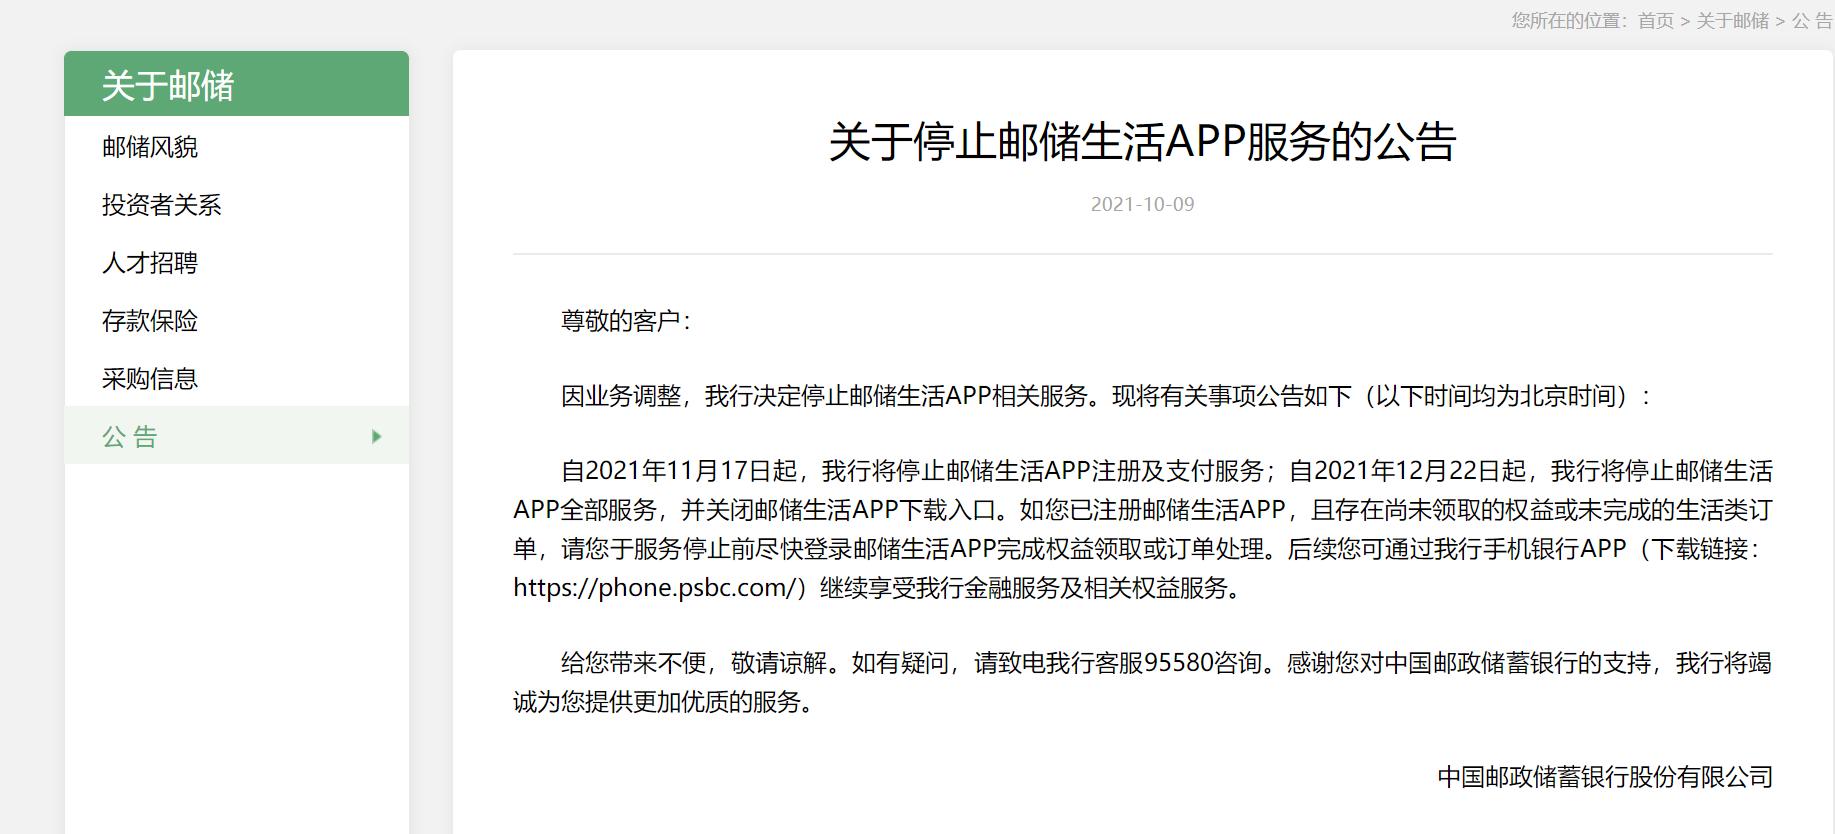 邮储银行:因业务调整将停止邮储生活APP全部服务